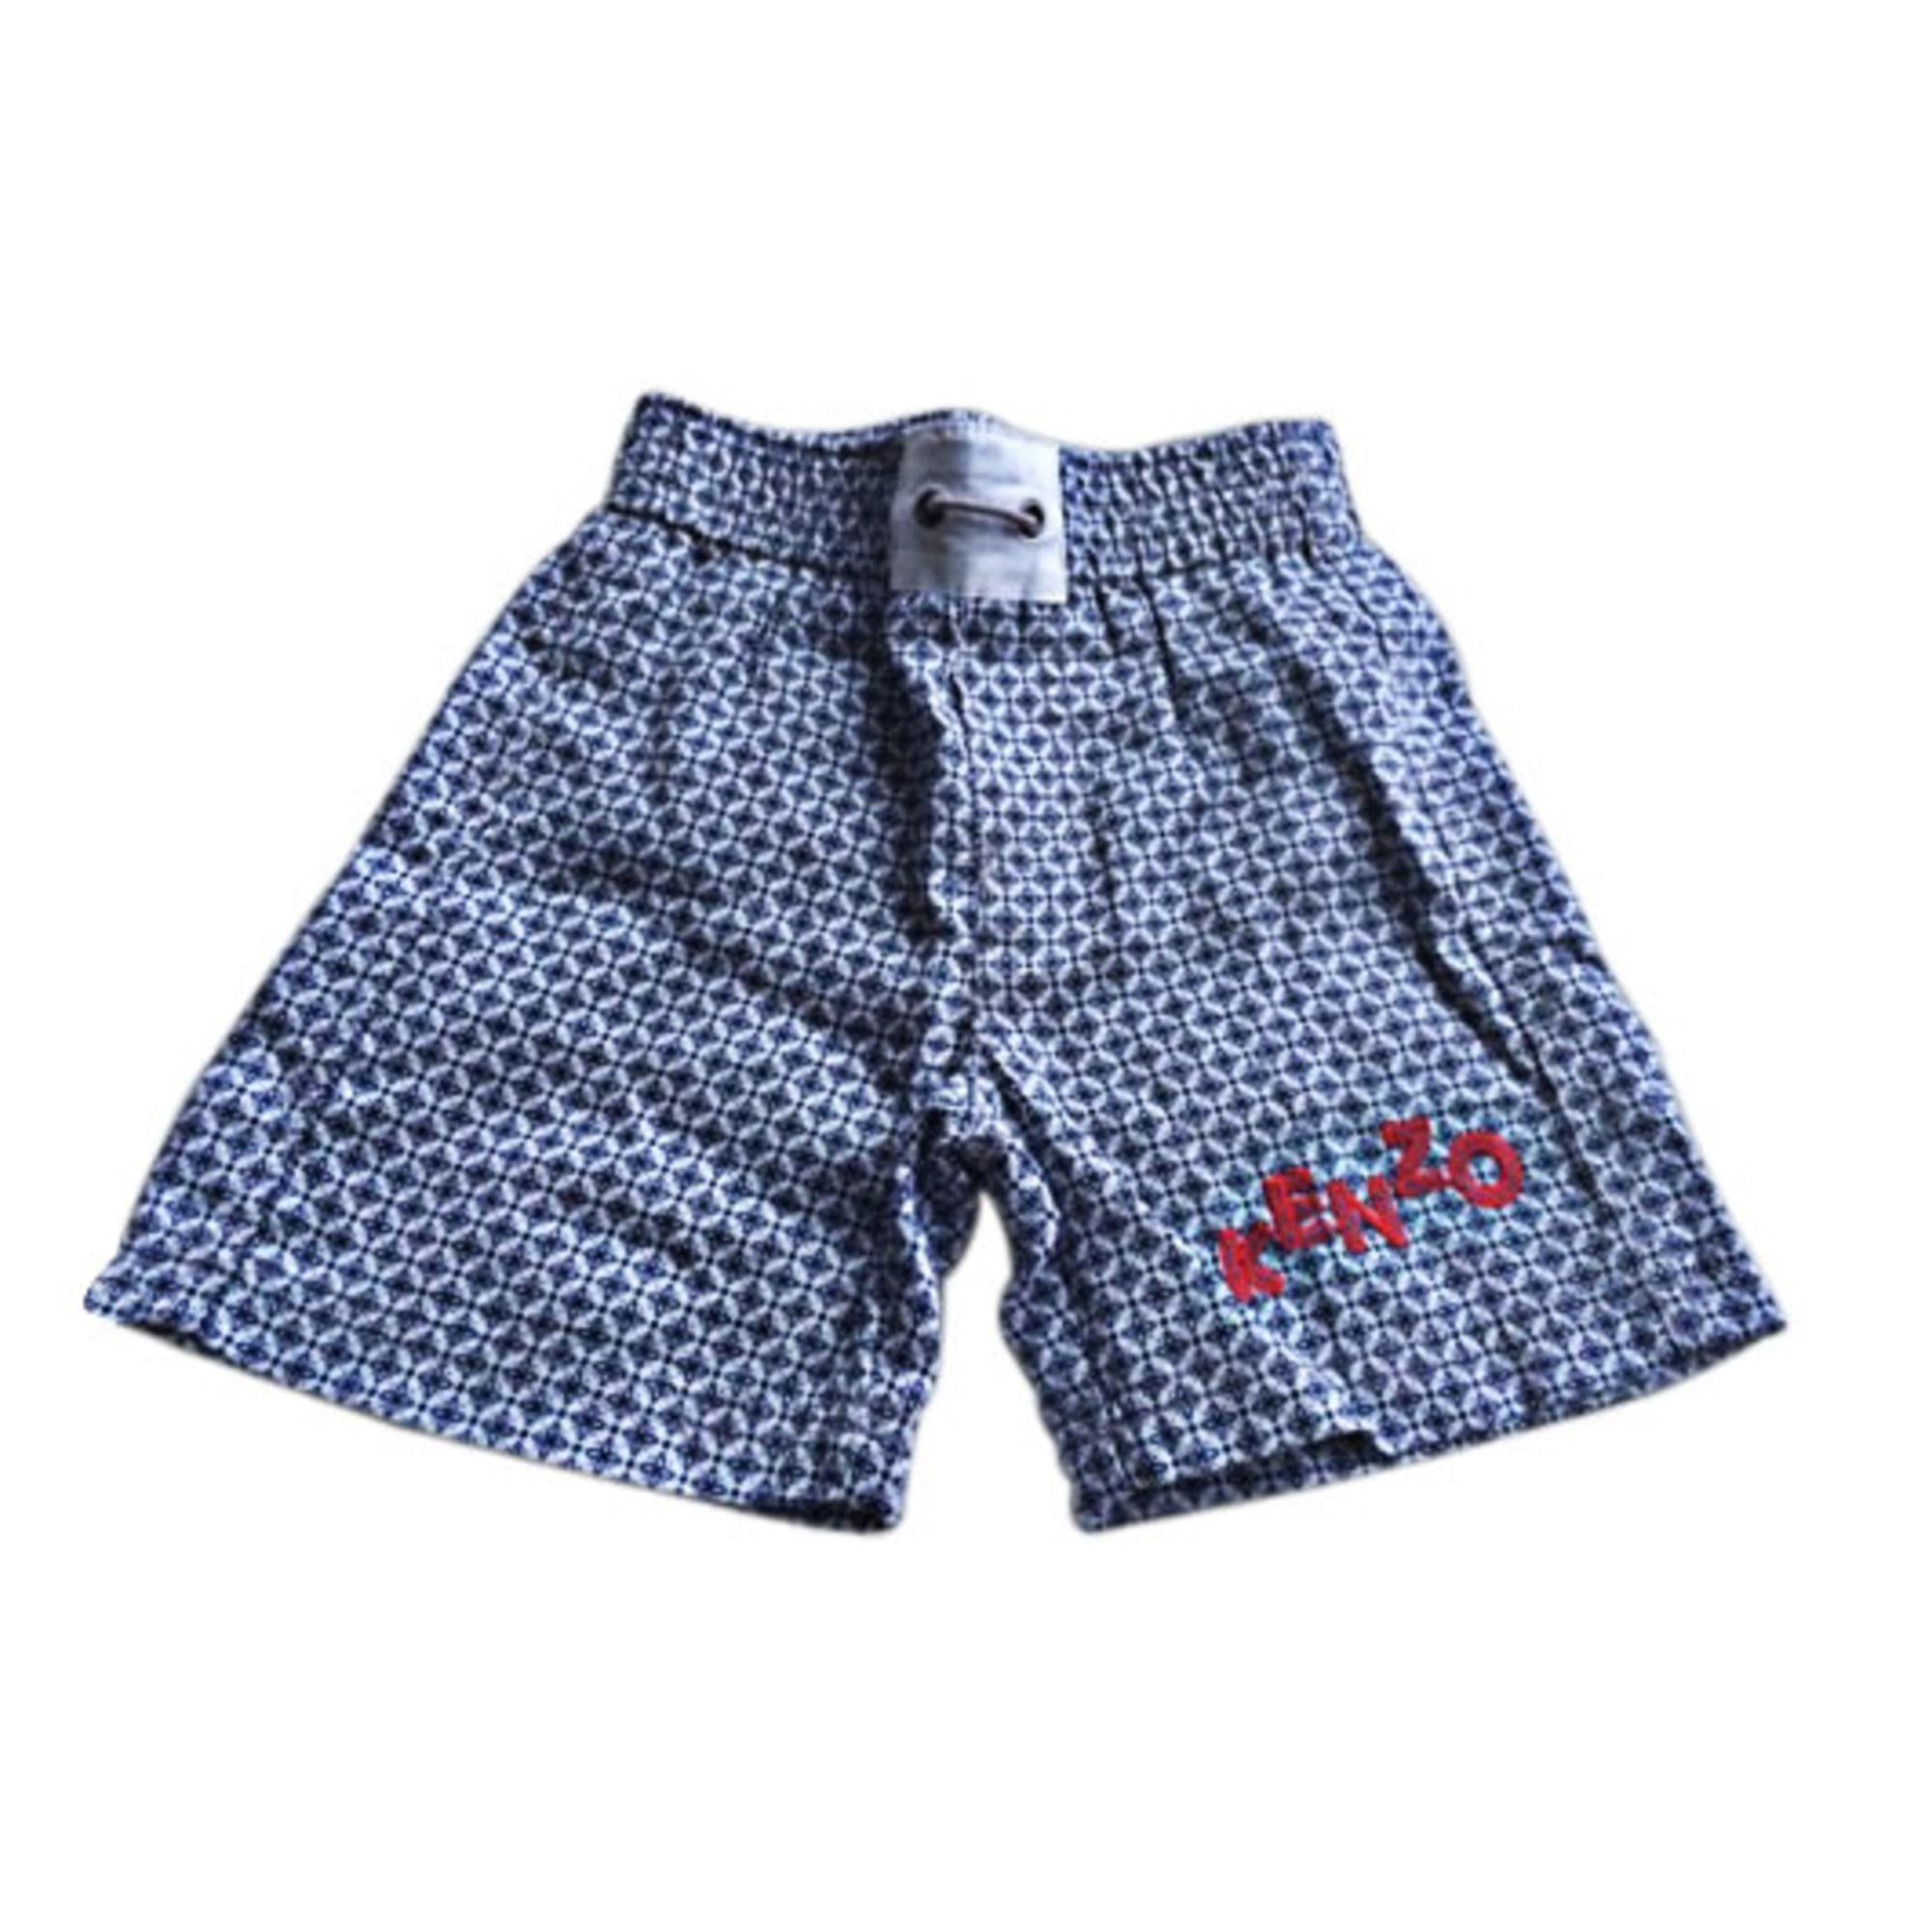 Bermuda Shorts KENZO Blue, navy, turquoise